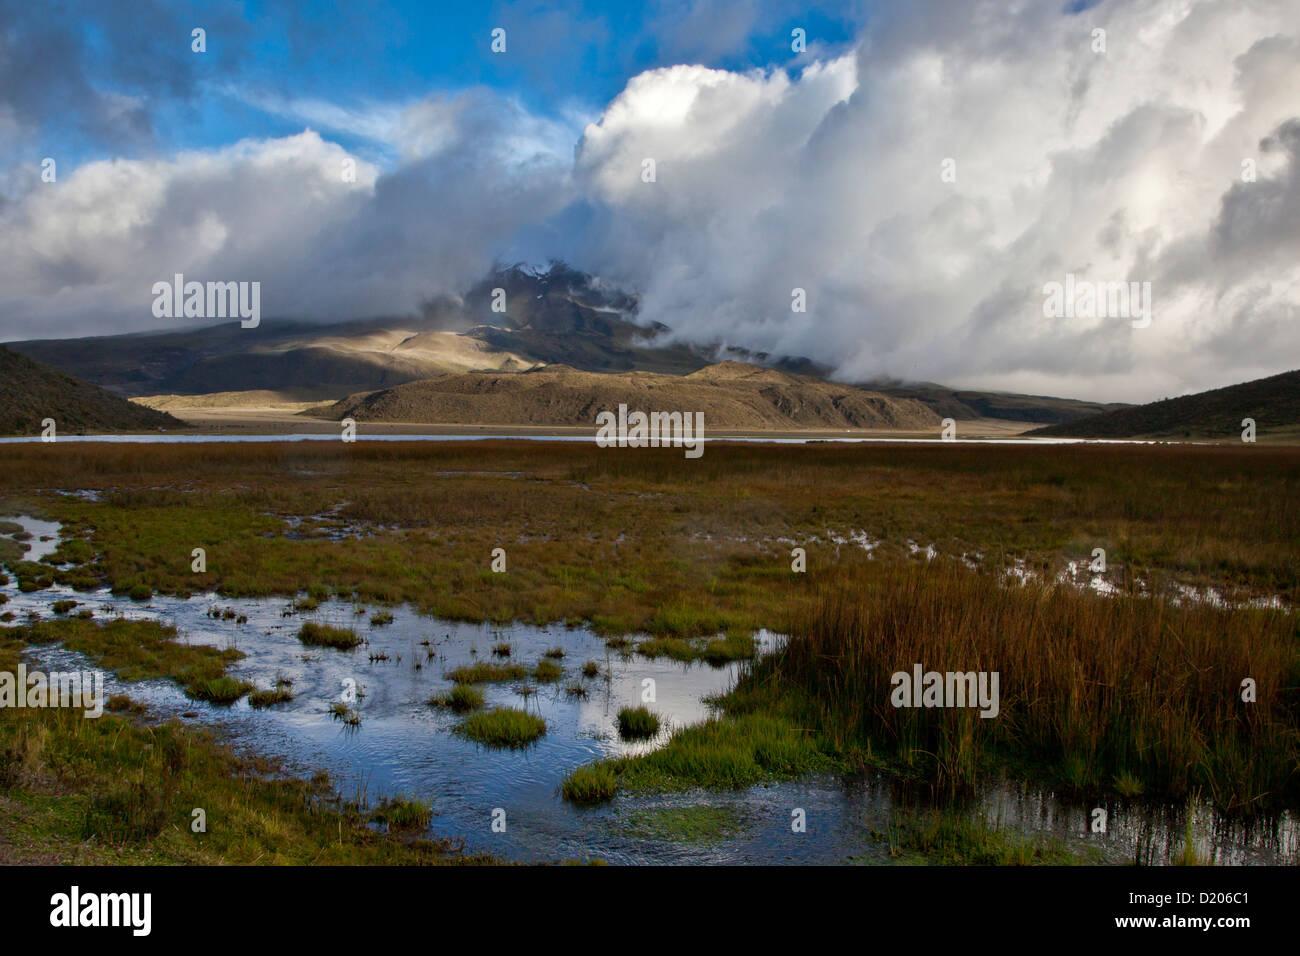 Nebel und Wolken am Cotopaxi (5897m), im Vordergrund: Lagune Limpiopungo, Anden, Ecuador, Südamerika Stockbild